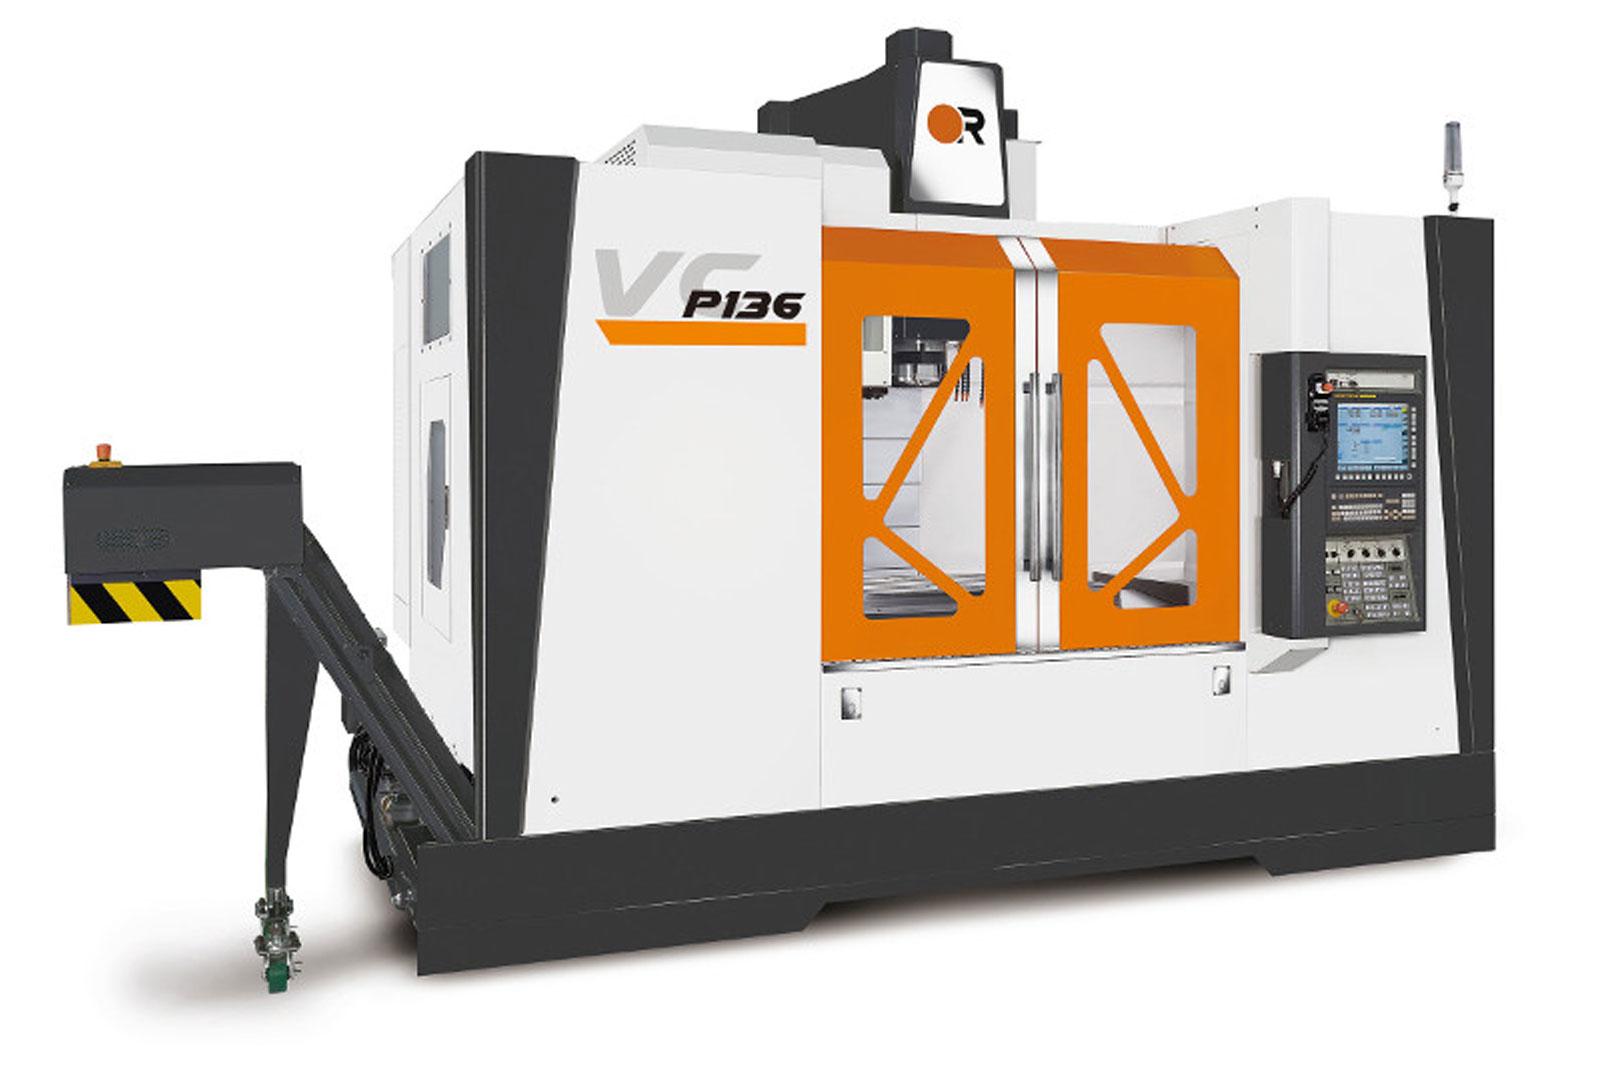 Victor P136 - Centro Lavoro Verticale